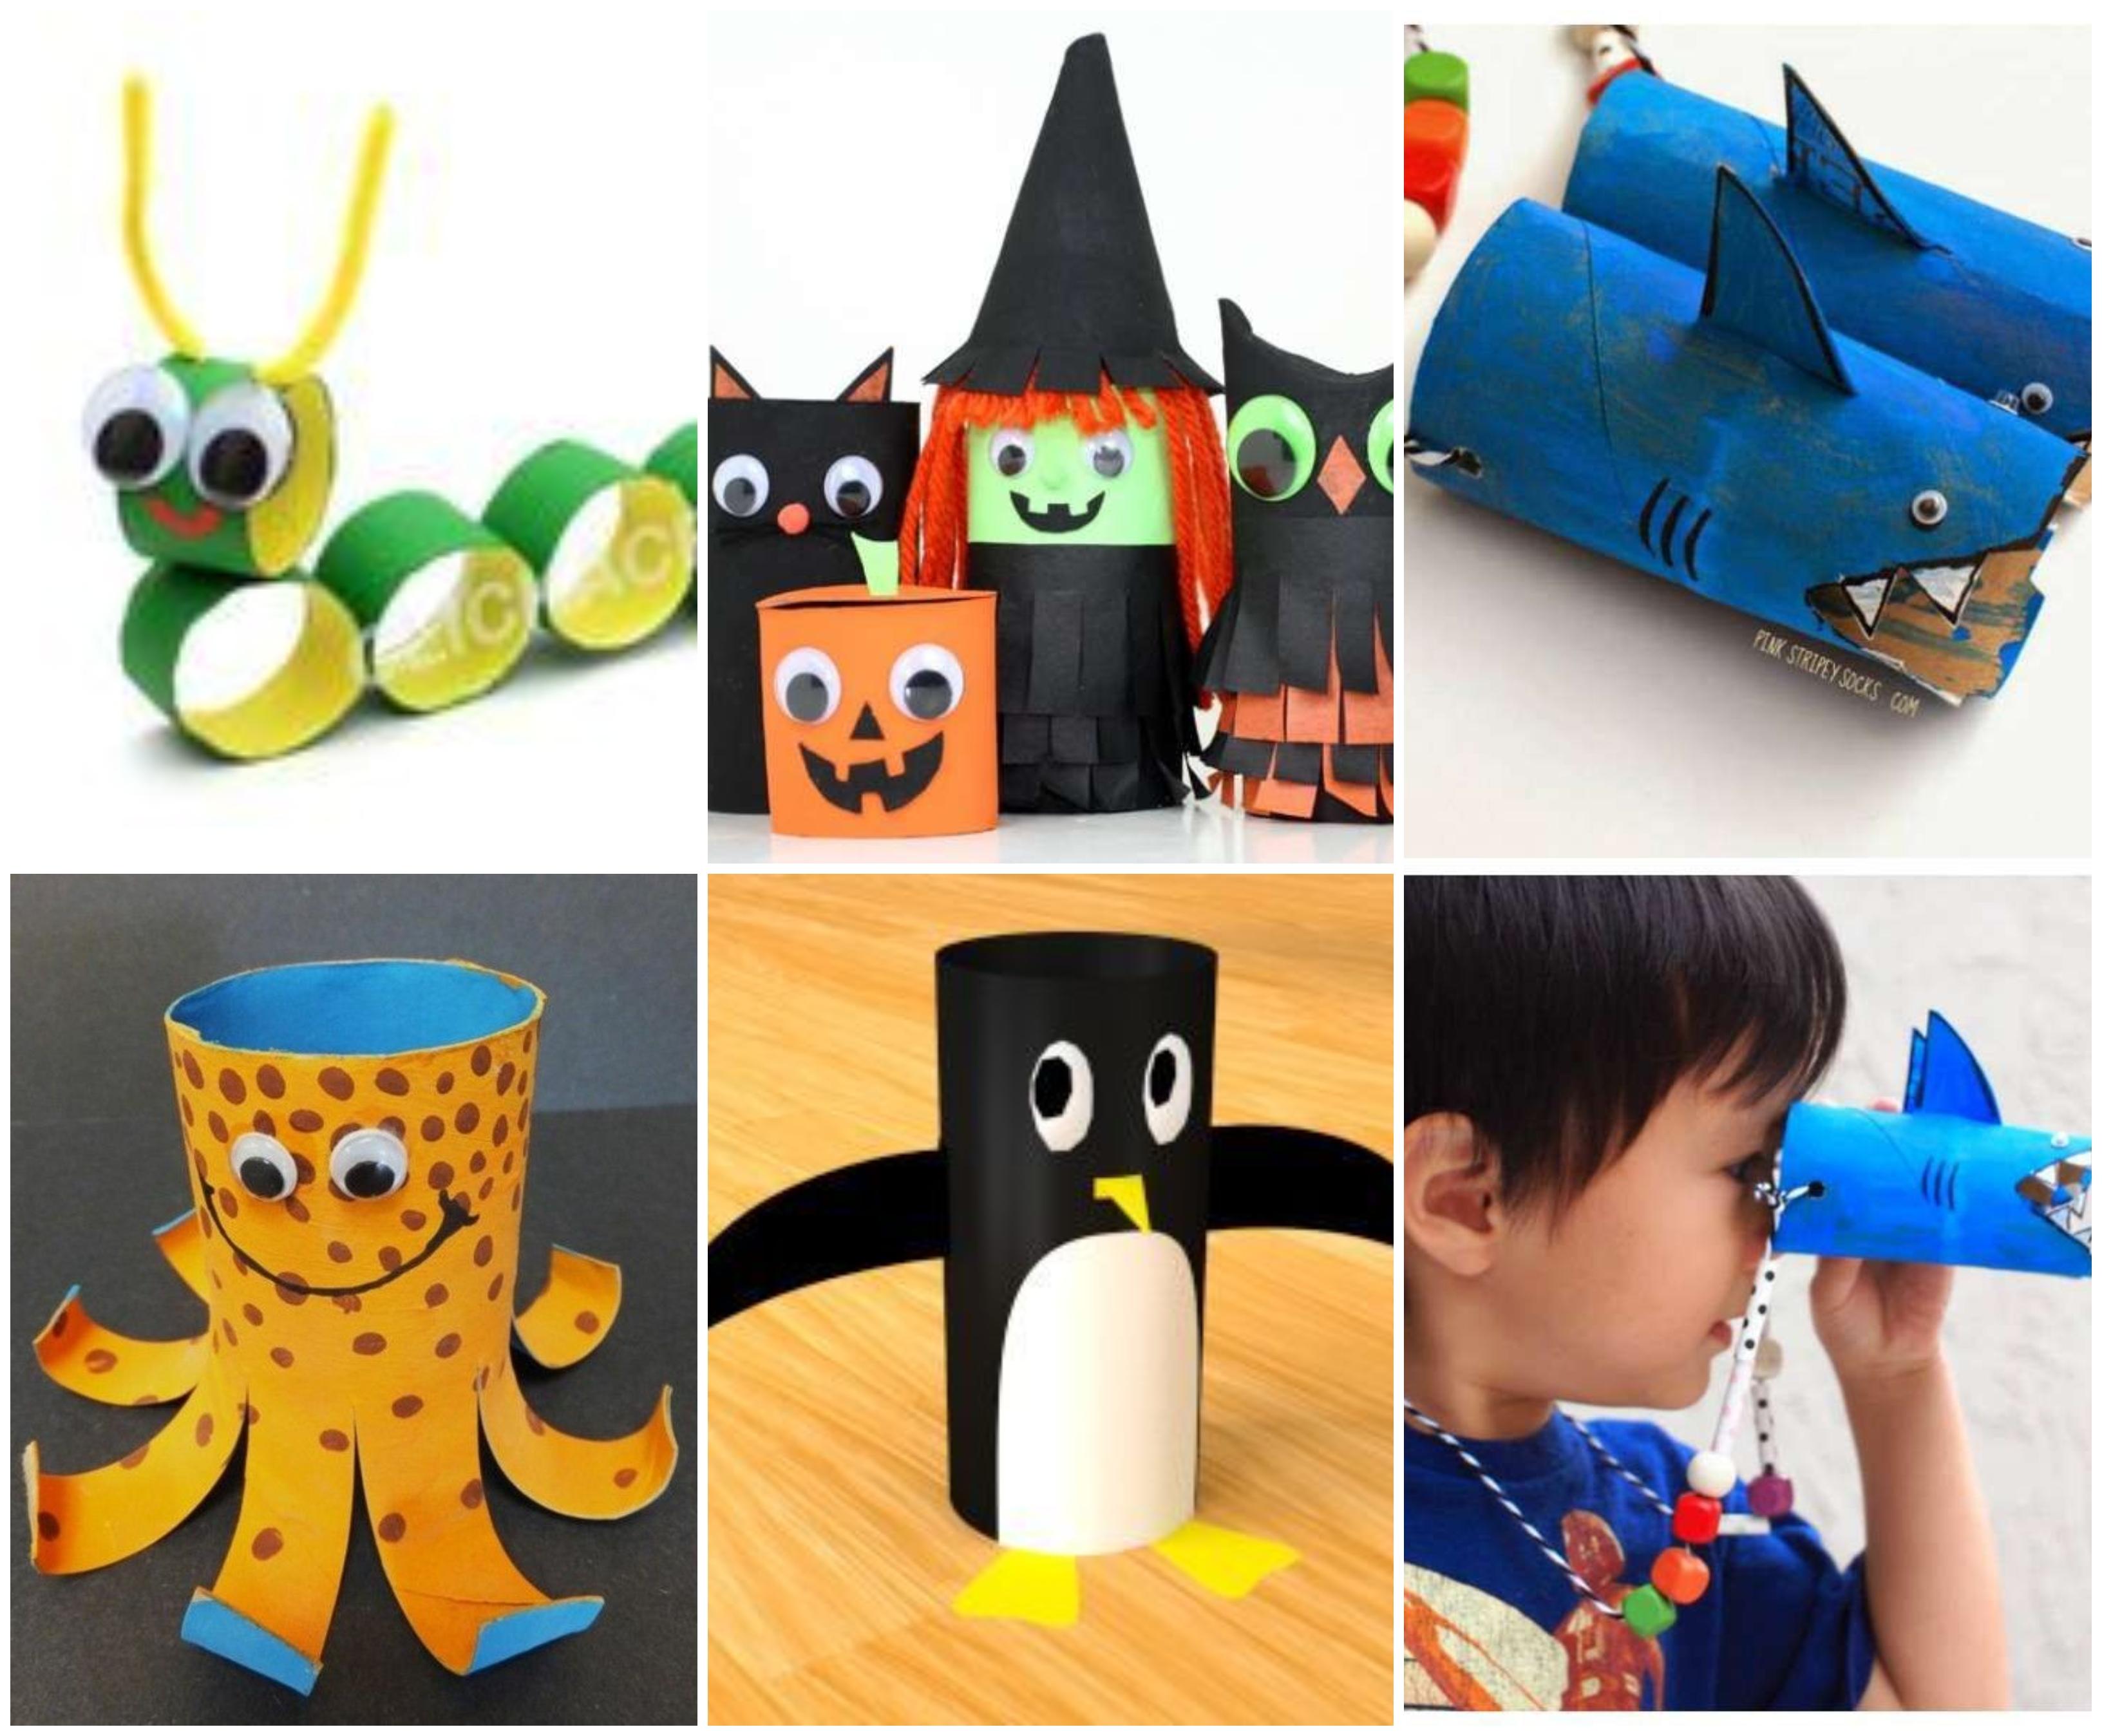 20 coole bastelideen mit klopapierrollen für kinder